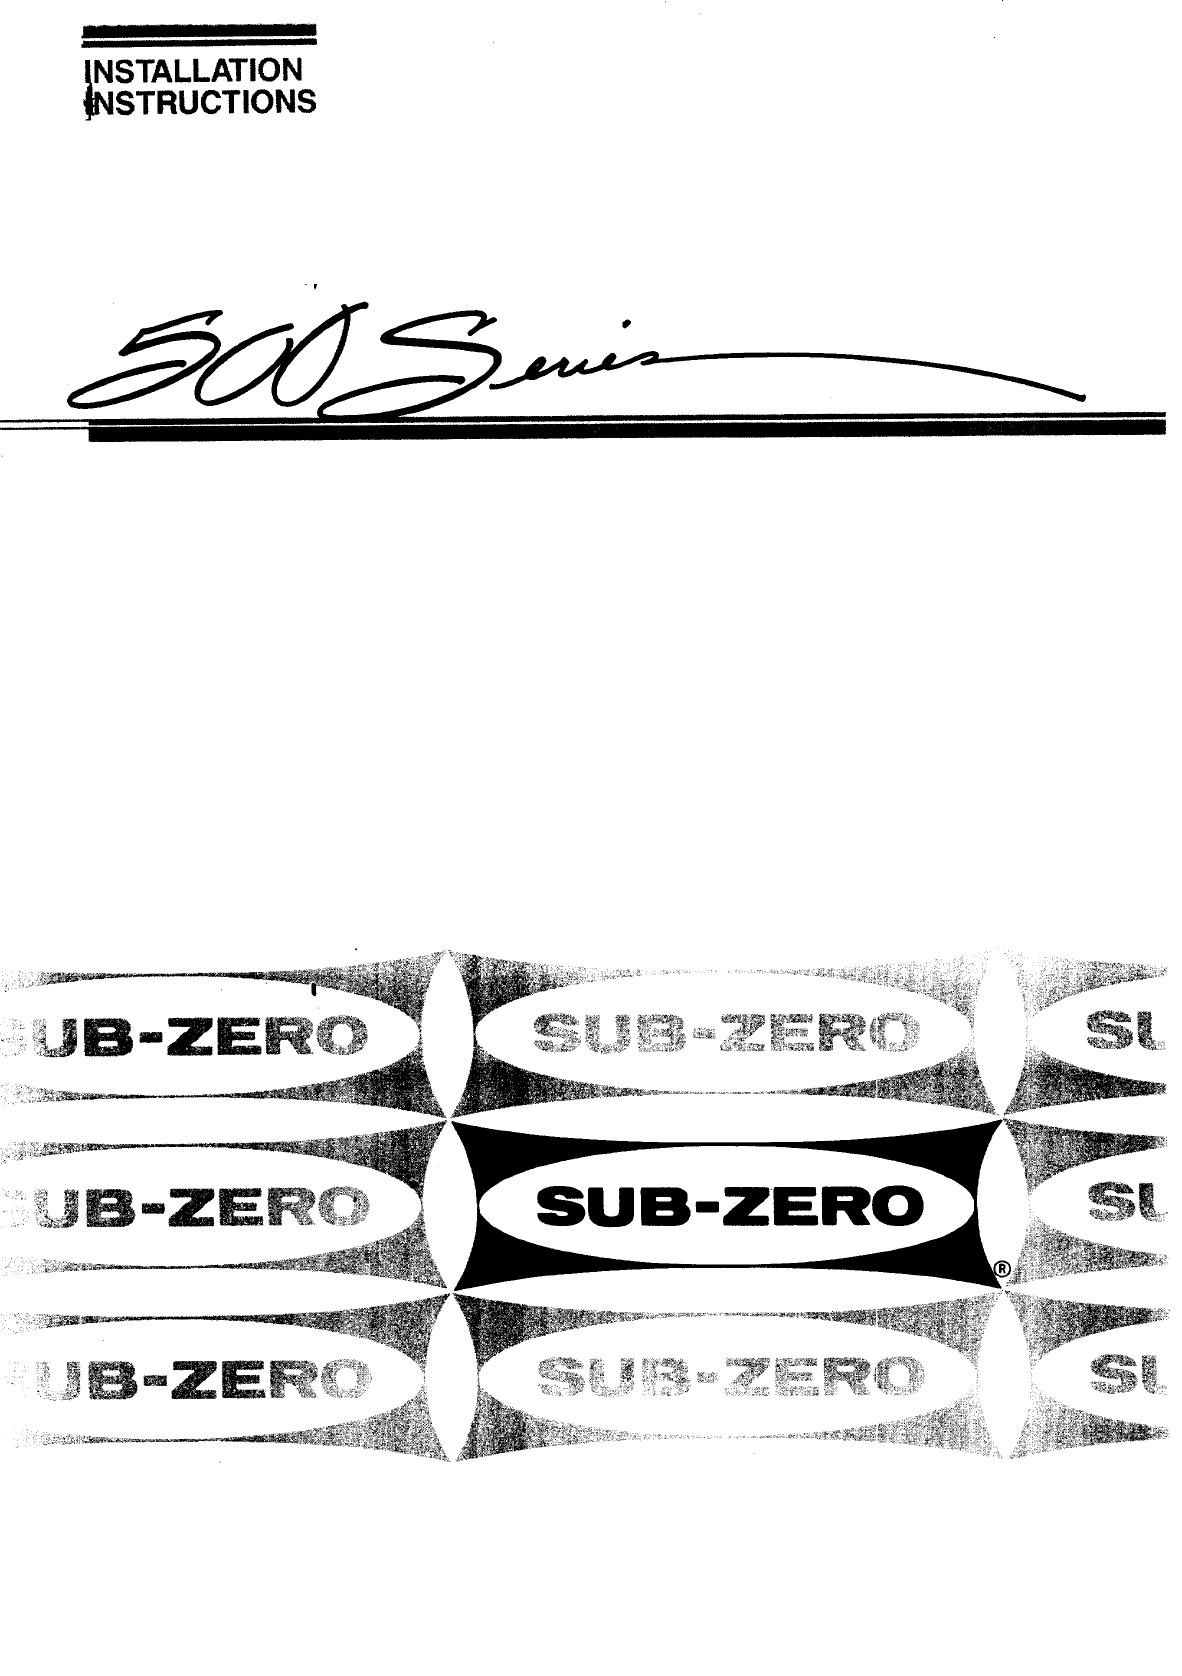 Sub Zero Refrigerator 542 User Guide